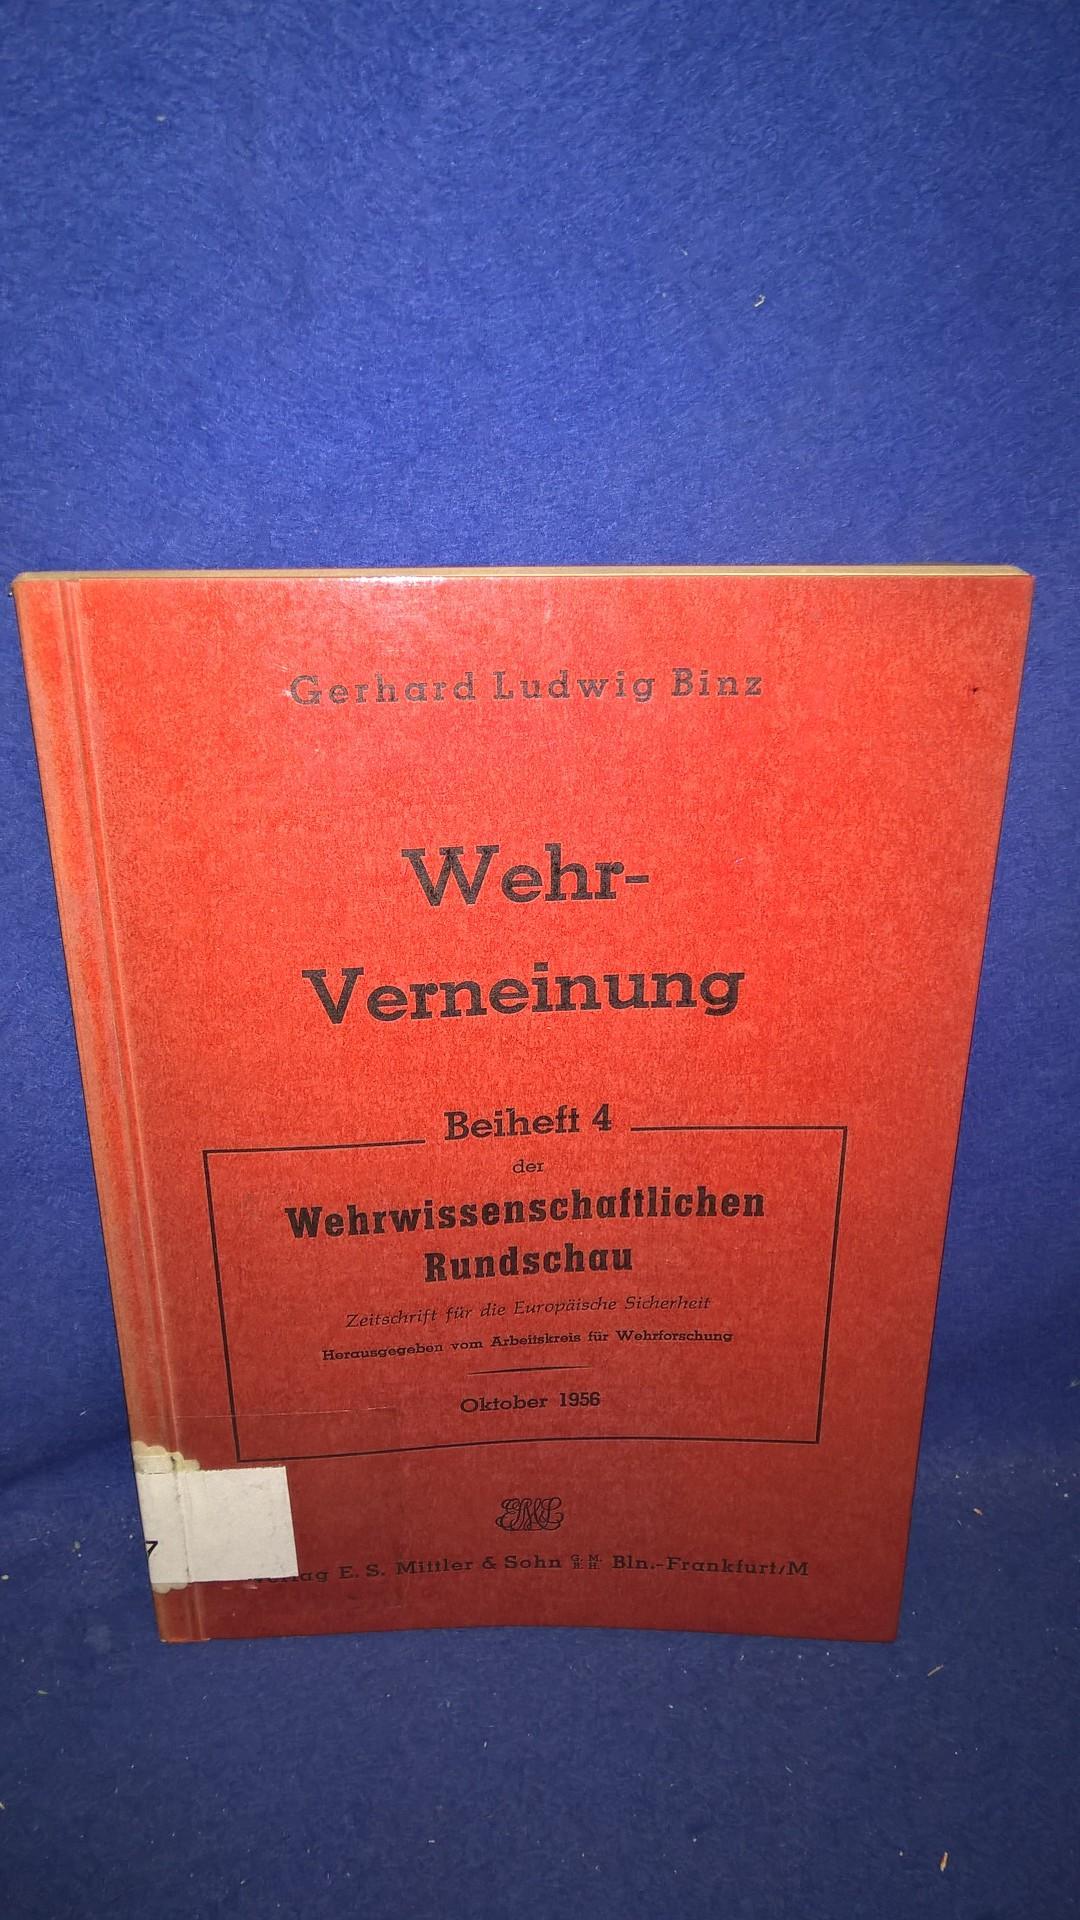 Wehr-Verneinung / Wehrverneinung. Eine Studie über ihre Entstehung und ihre Erscheinungsformen.